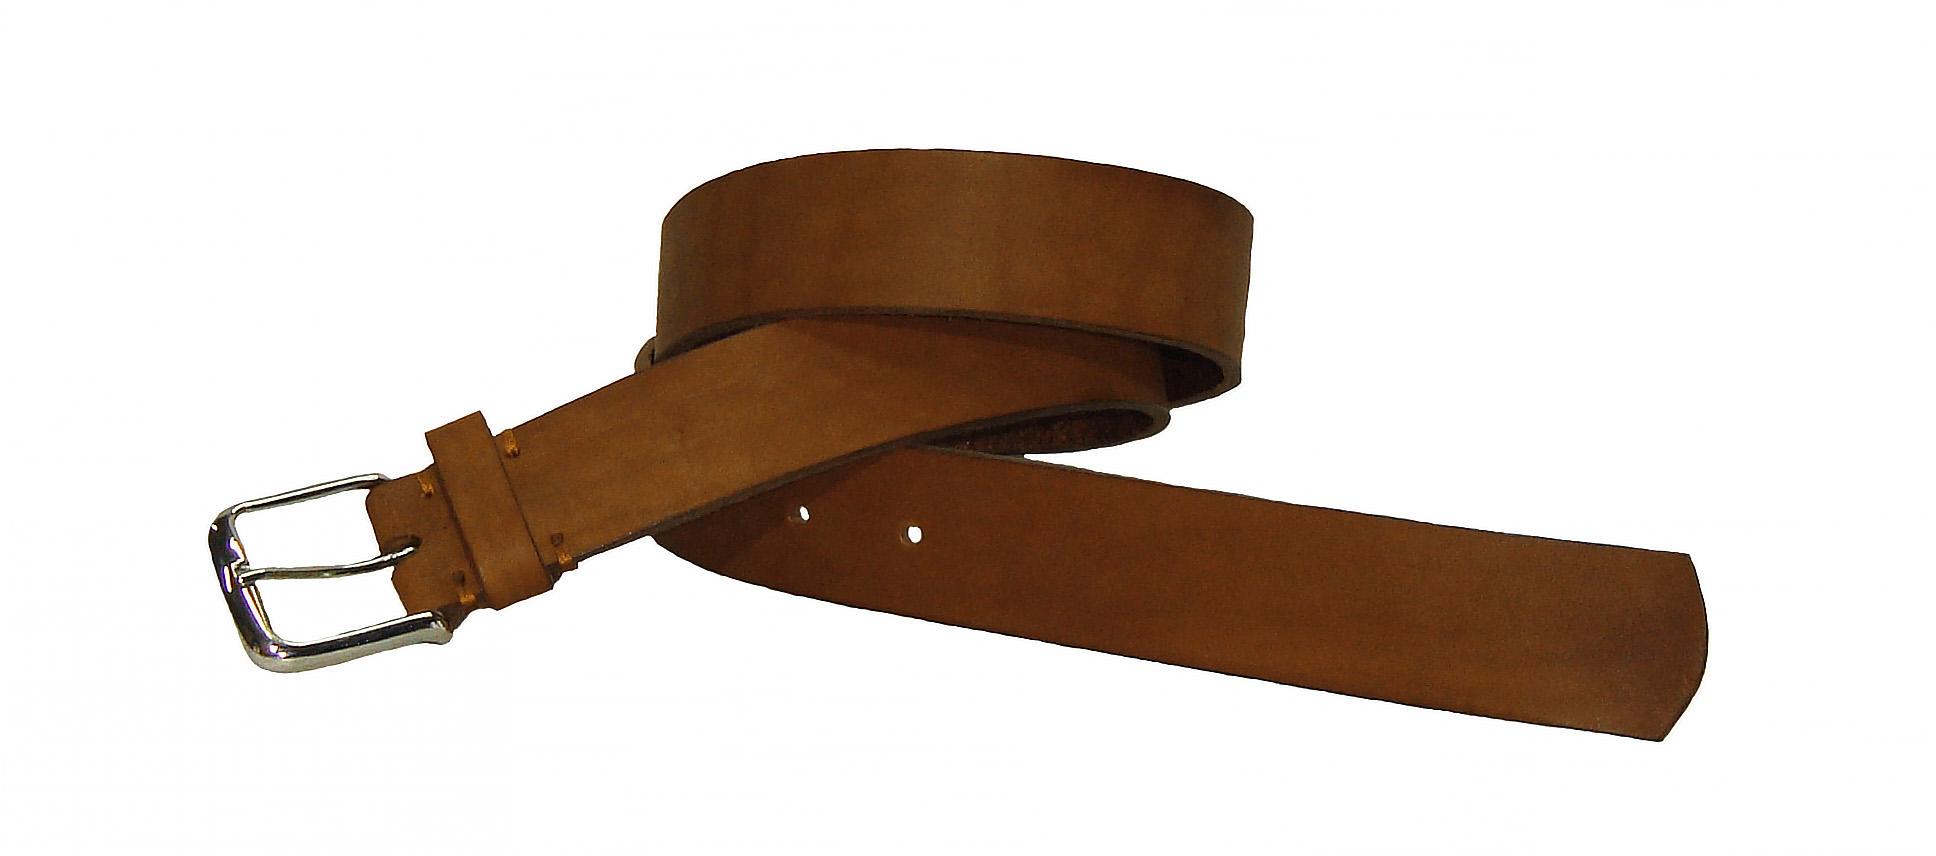 Ремень Модель № 4Сумки и др. изделия из кожи<br>Общая длинна ремня:105 см<br>Ширина ремня:4 см<br>Толщина ремня:4 мм<br>Размер ремня - обхват талии:80 - 90 см<br><br>Тип: Ремень<br>Размер: -<br>Материал: Натуральная кожа